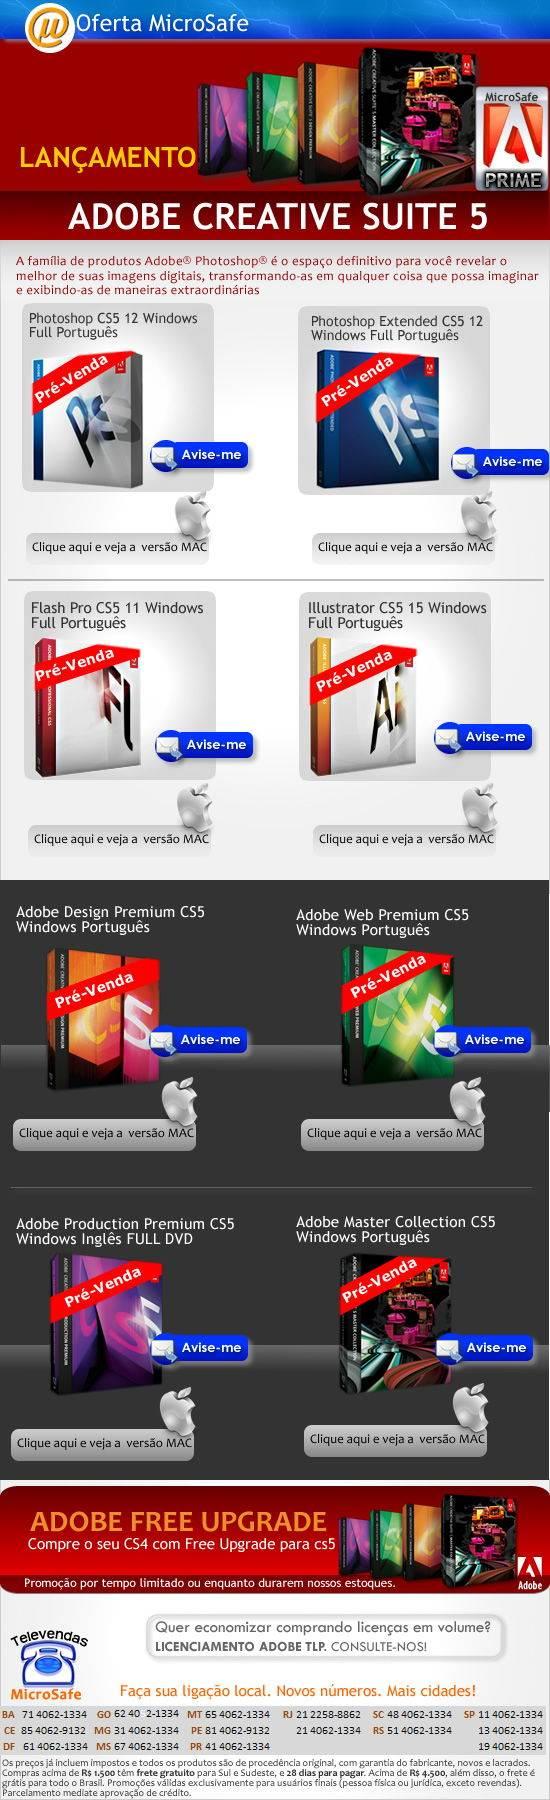 Lan�amento Adobe CS5 na MicroSafe!